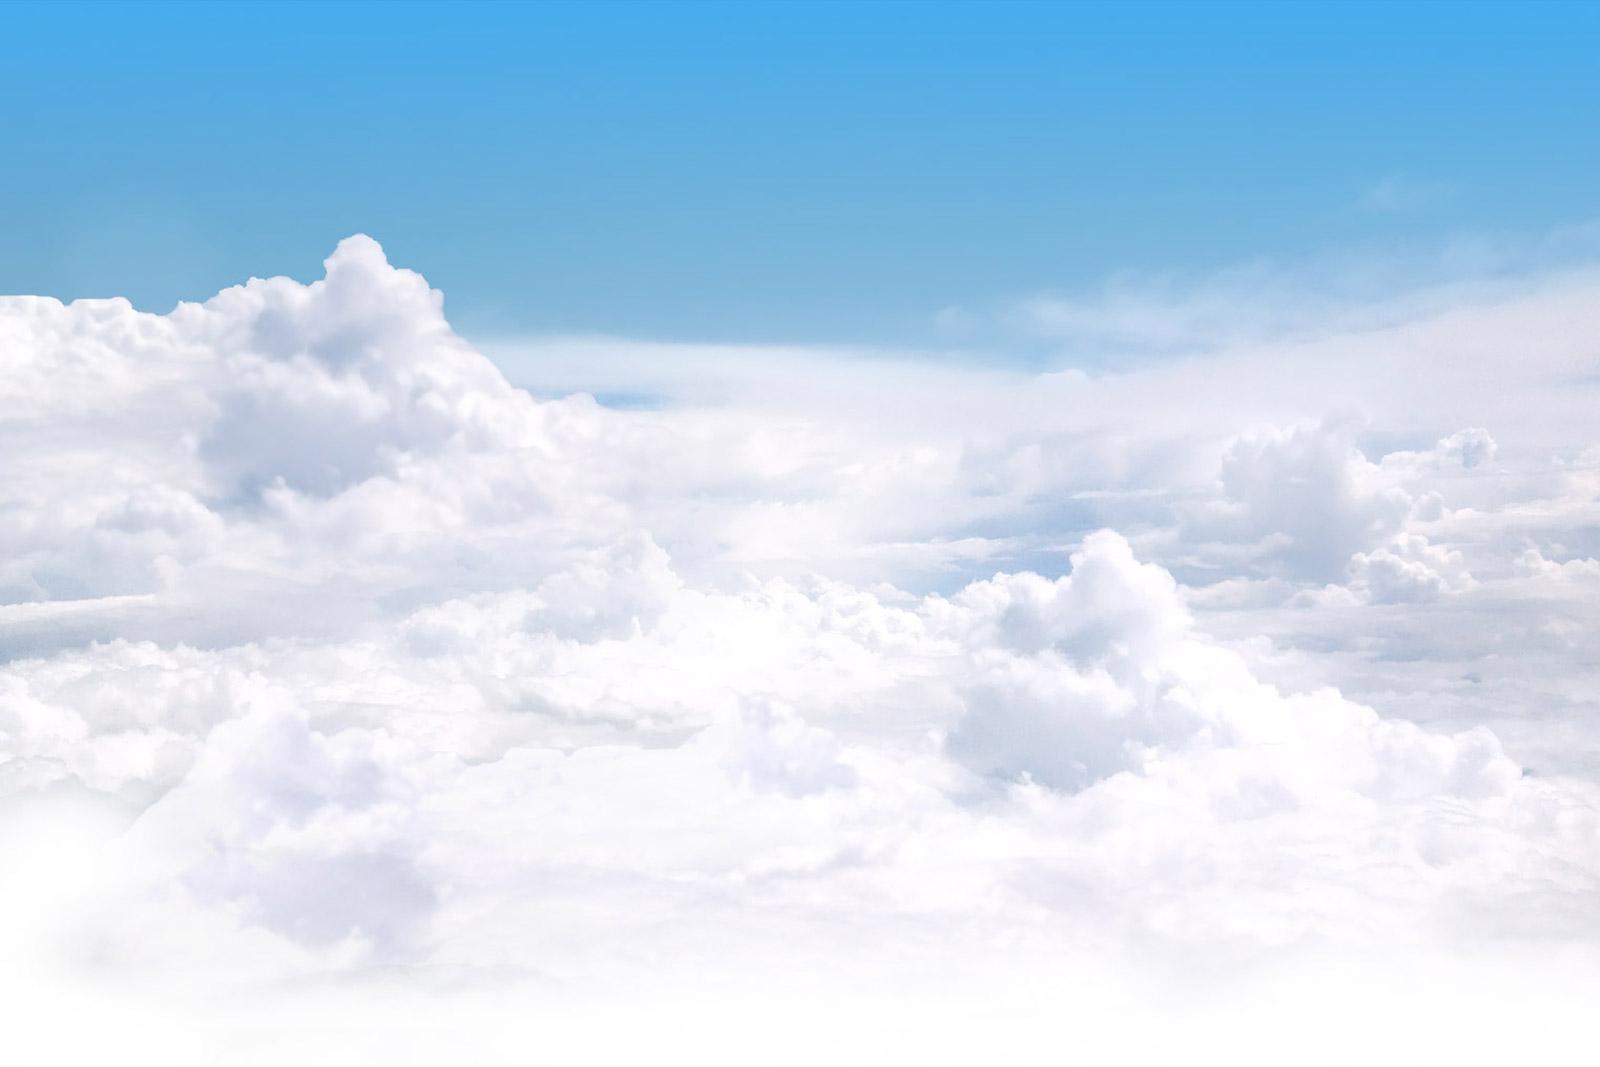 chmura plików, bluecloud, chmura, pliki w chmurze, wysyłanie plikow, transfer dużych plików